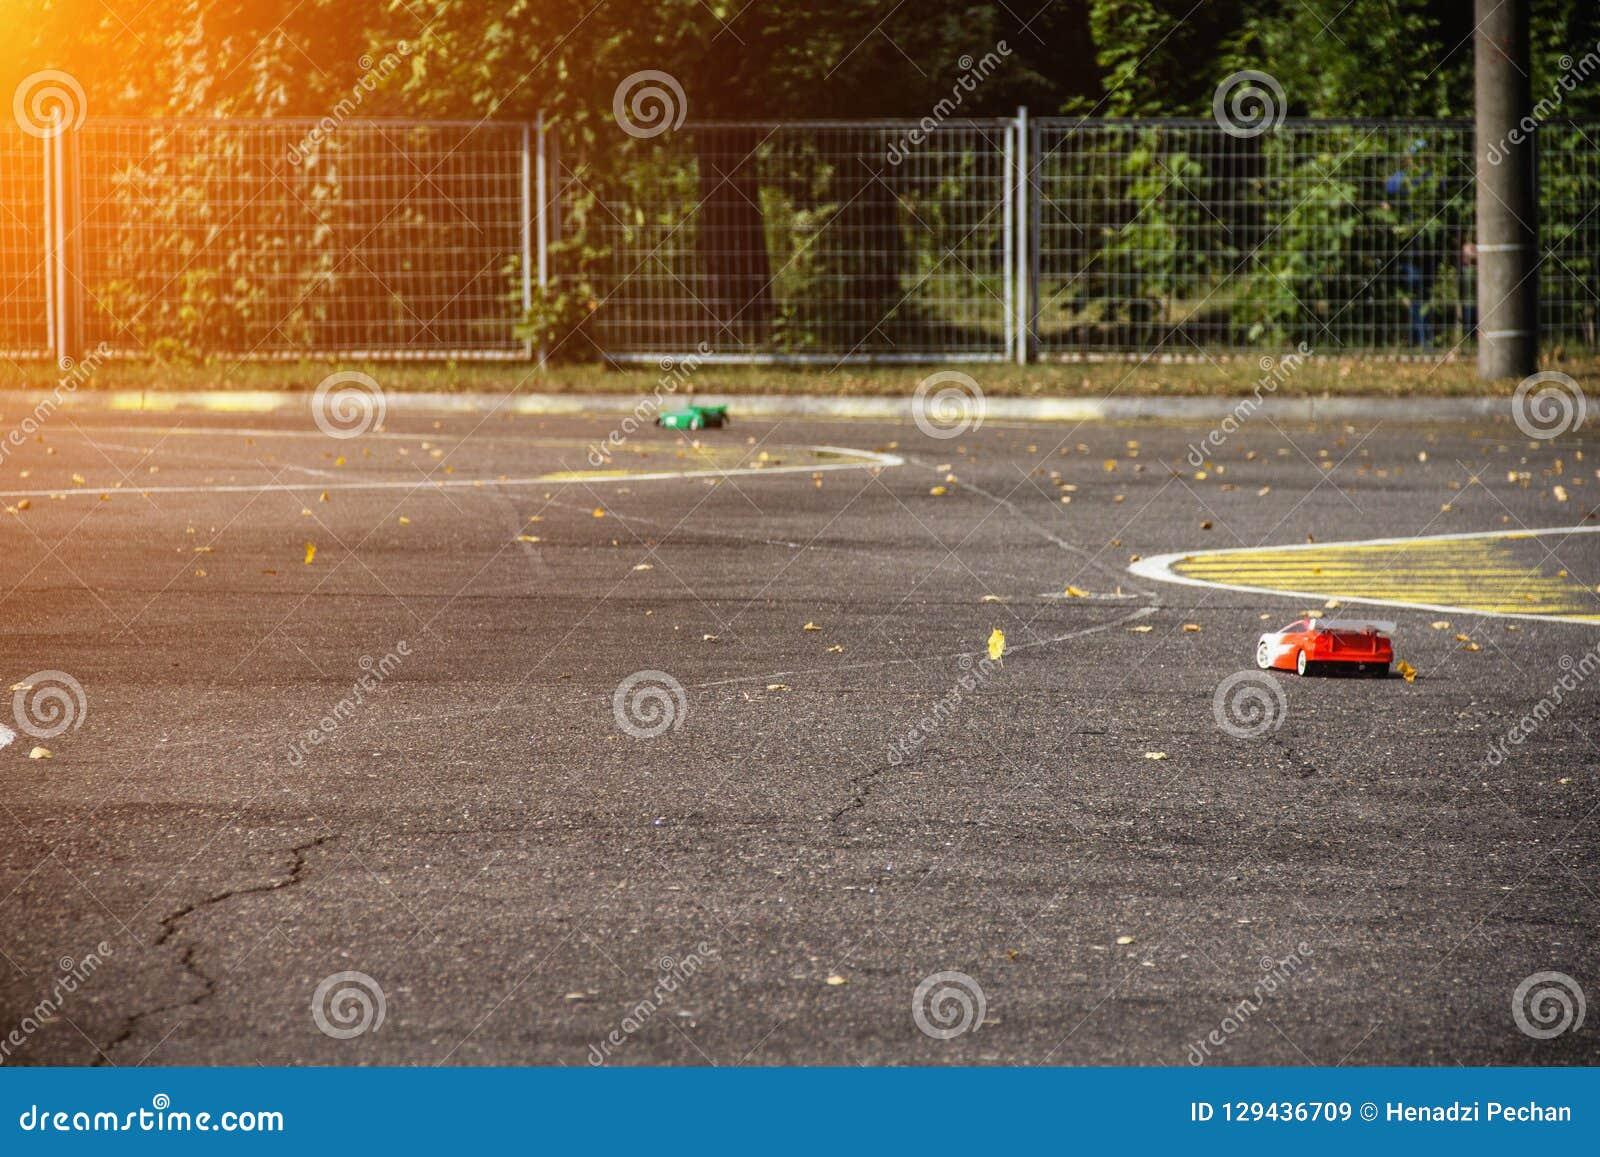 De competities op autosport op de radio, twee auto s op de radio gaan op een asfaltweg, de zon, snelheid